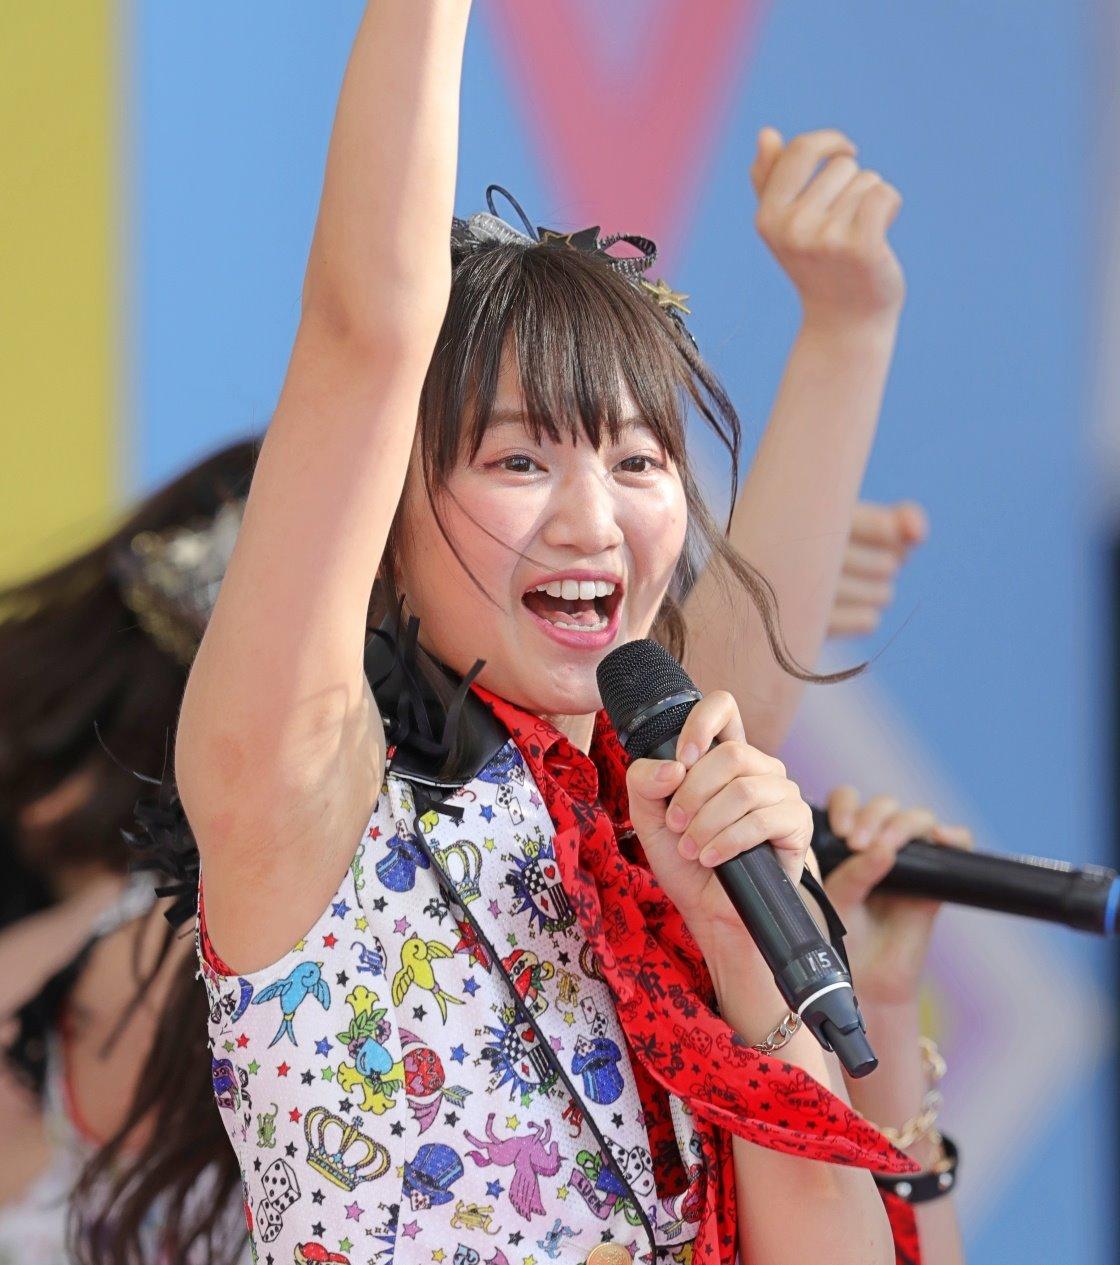 AKB48フレッシュ選抜メンバーの腋見せライブ (10)